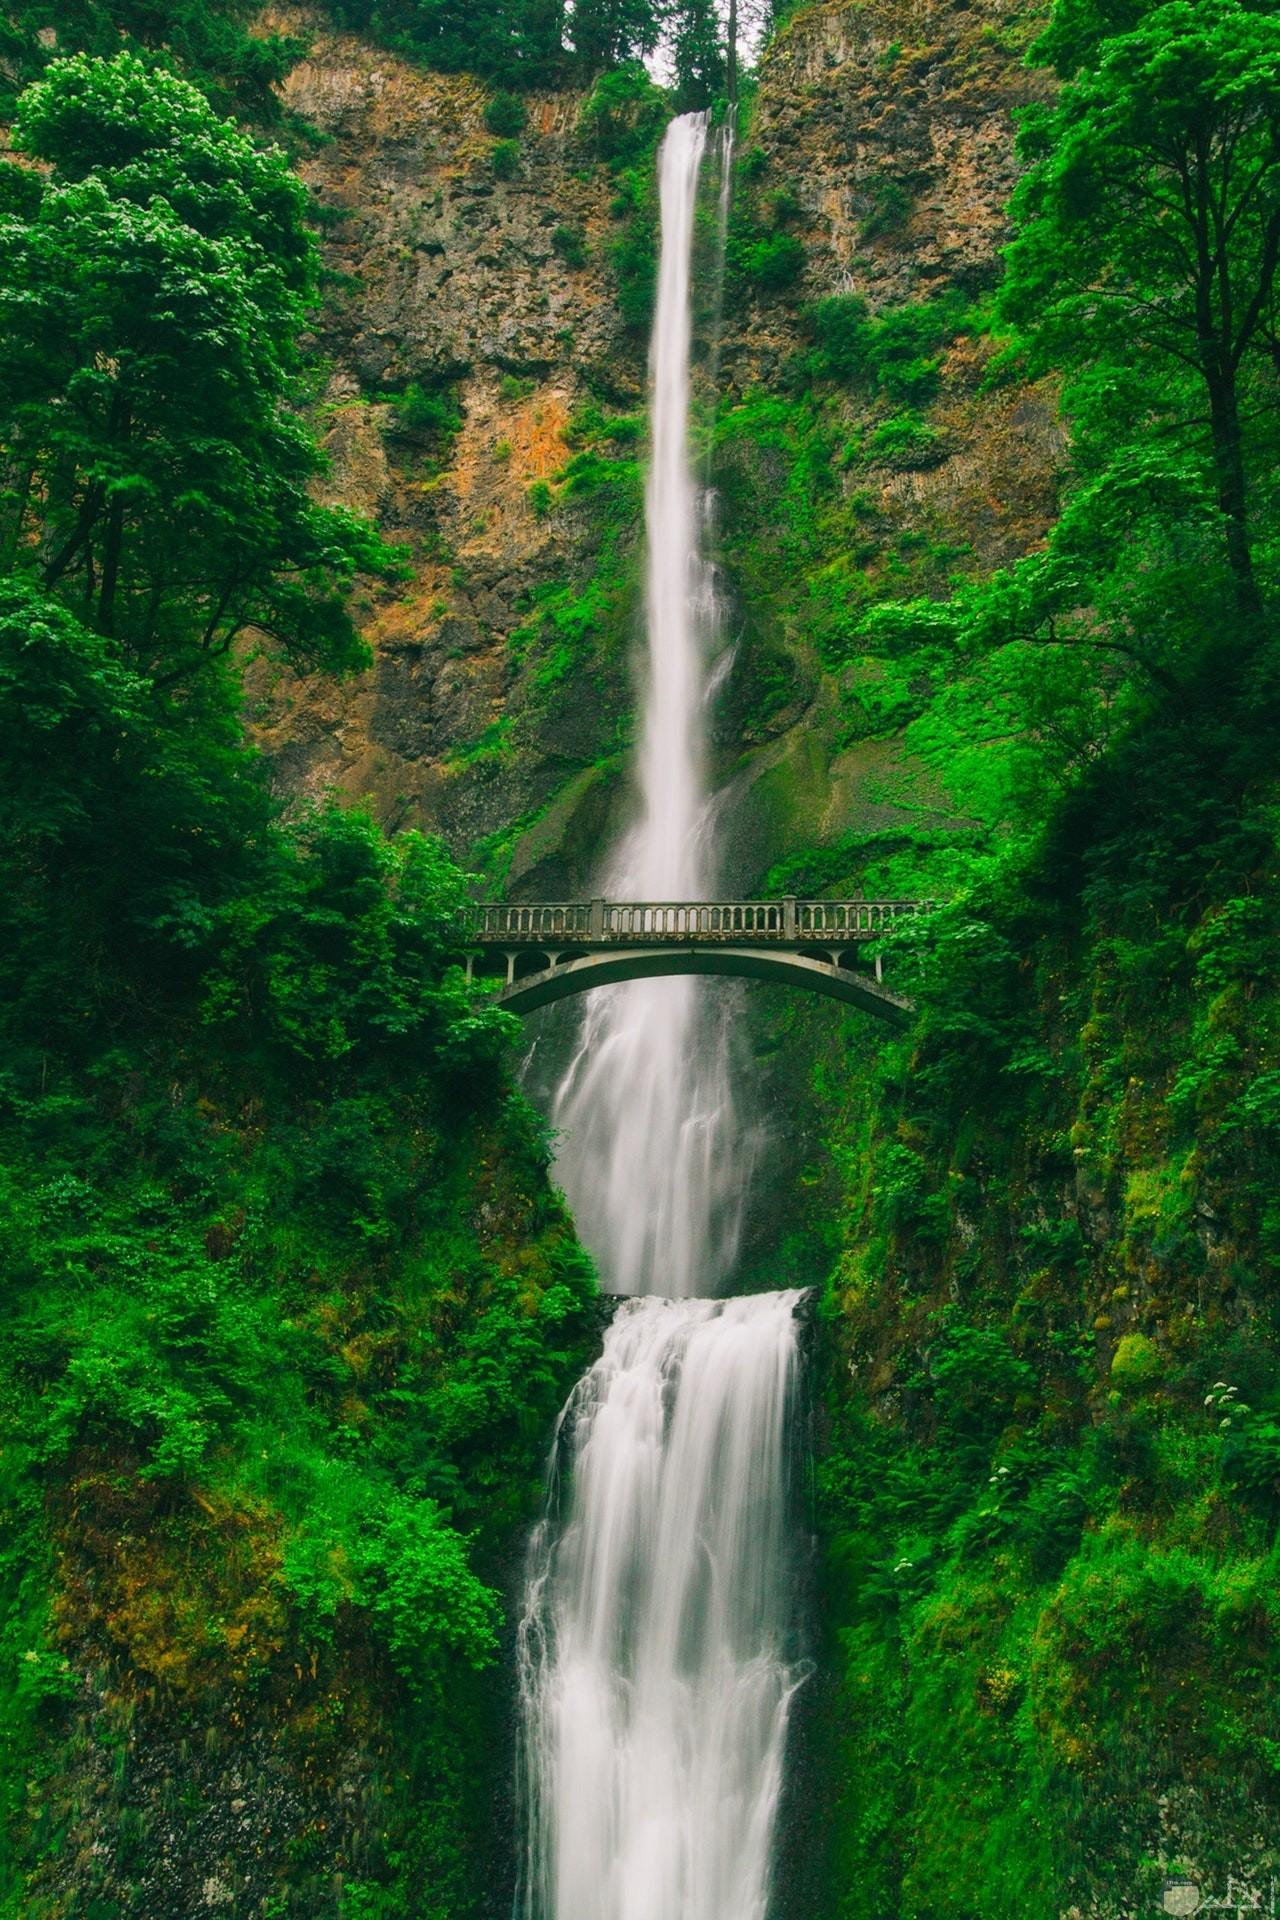 صورة رائعة للطبيعة حيث الشلال وسط الأشجار الخضراء الجميلة